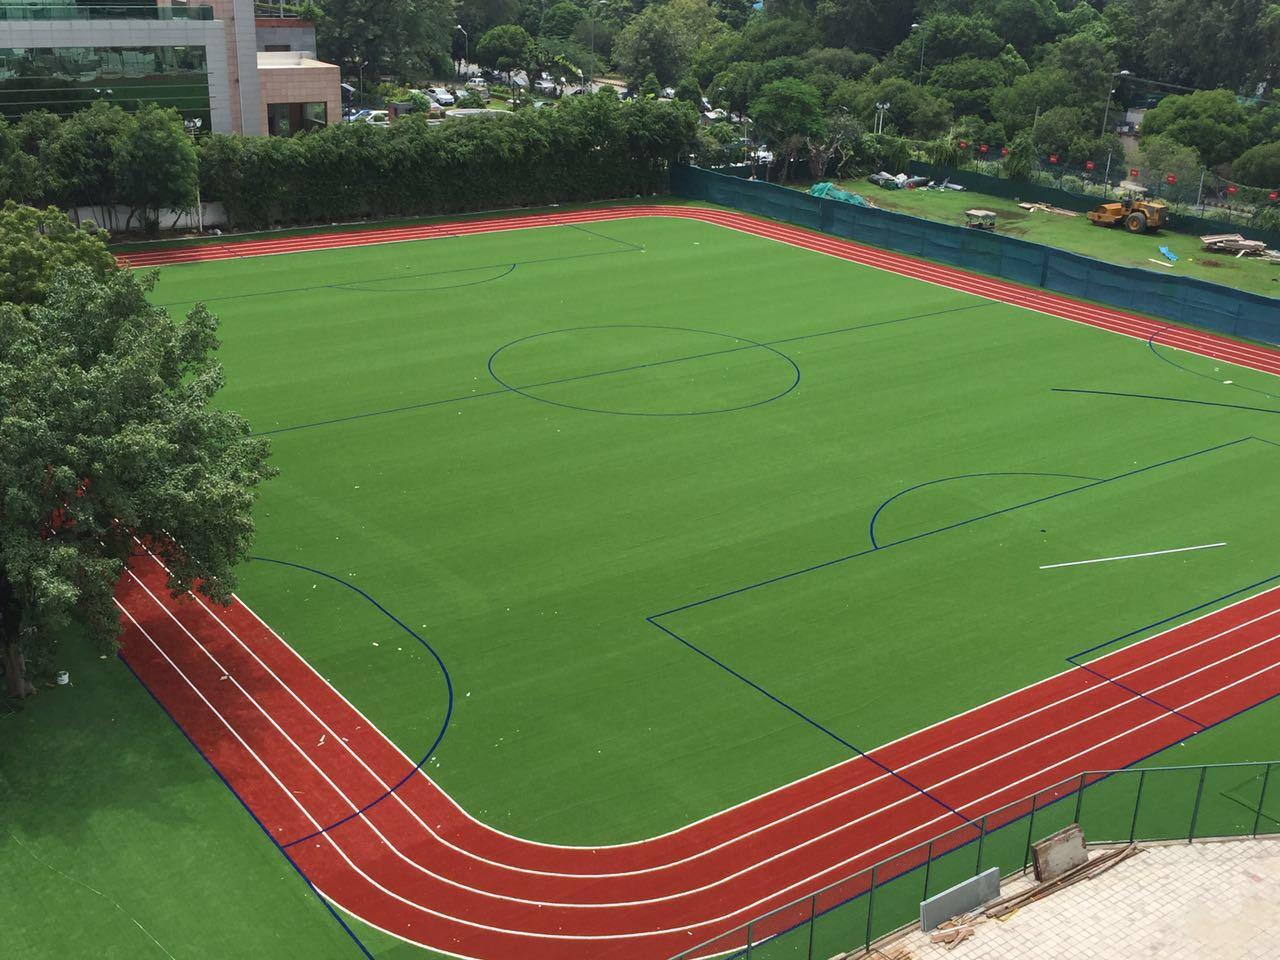 スポーツ施設・サッカー場・フットサル・テニスコートの人工芝